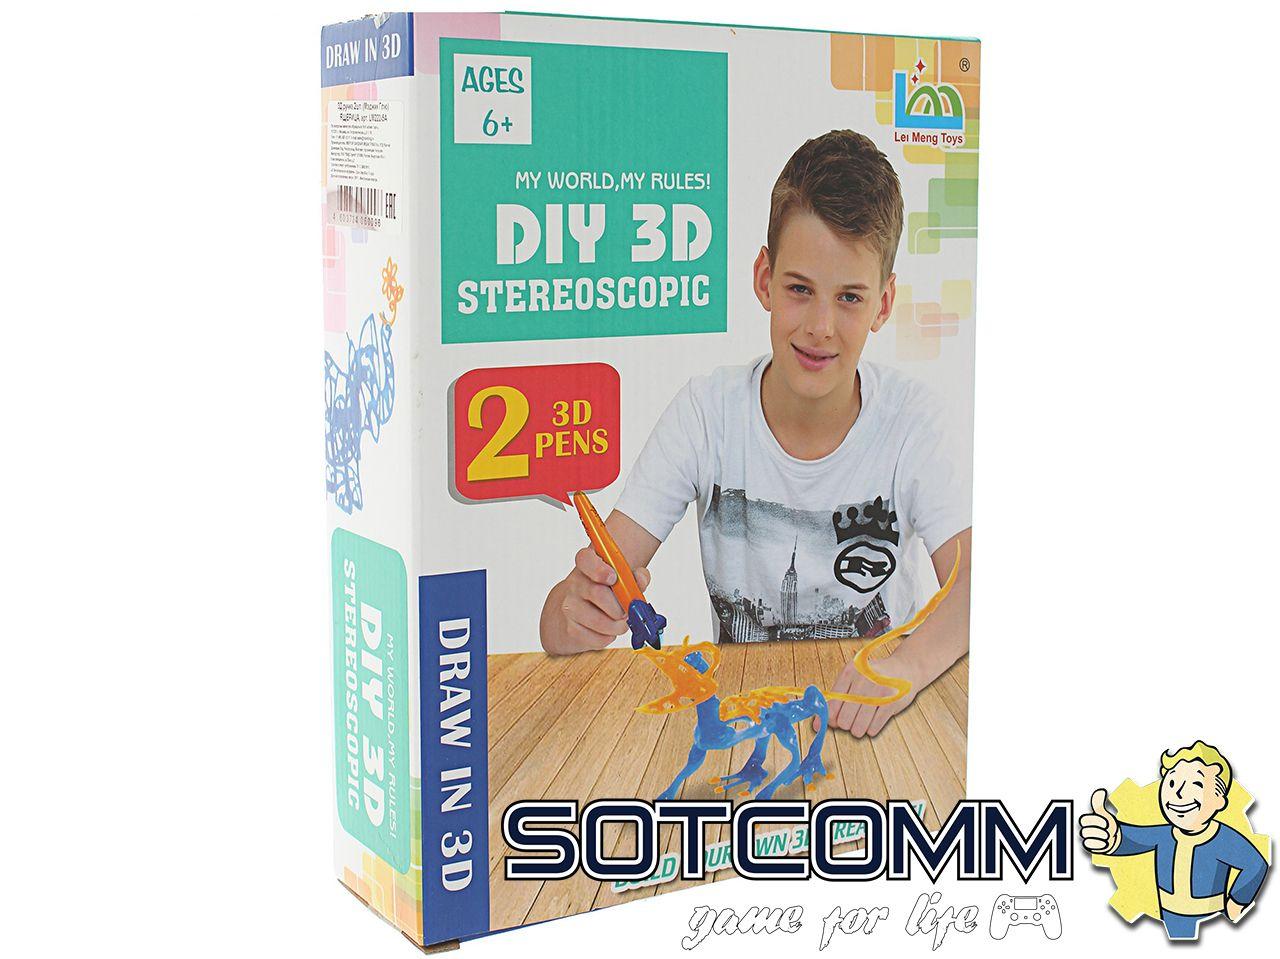 3D ручка Diy 3D Stereoscopic набор 2 ручки 2 3d pen